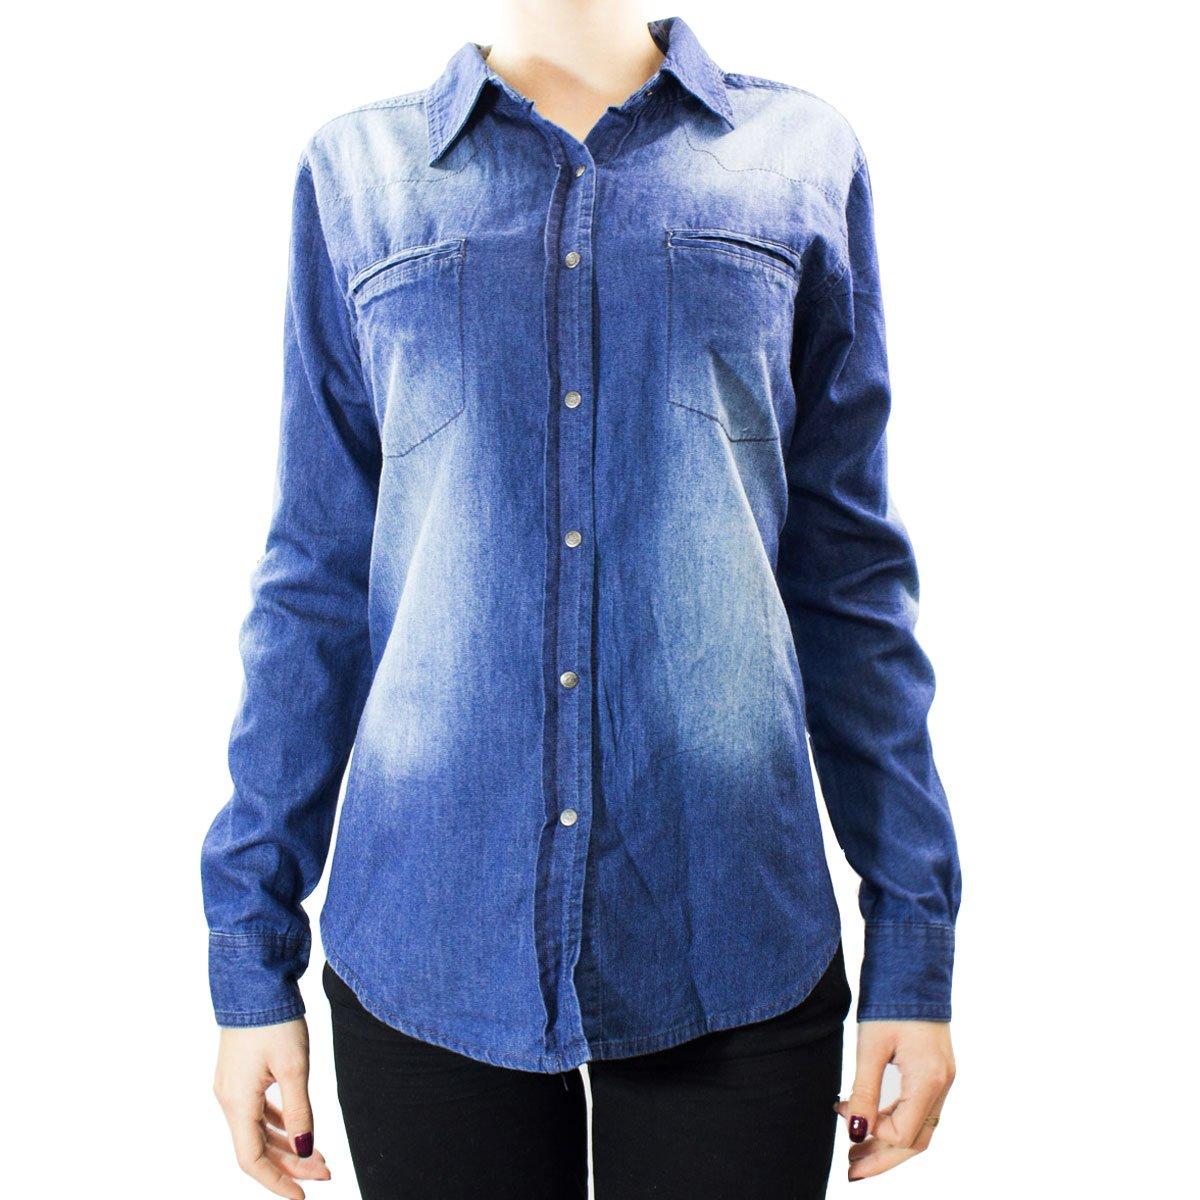 4d60d7d351 Bizz Store - Camisa Jeans Feminina Mosaico Manga Longa